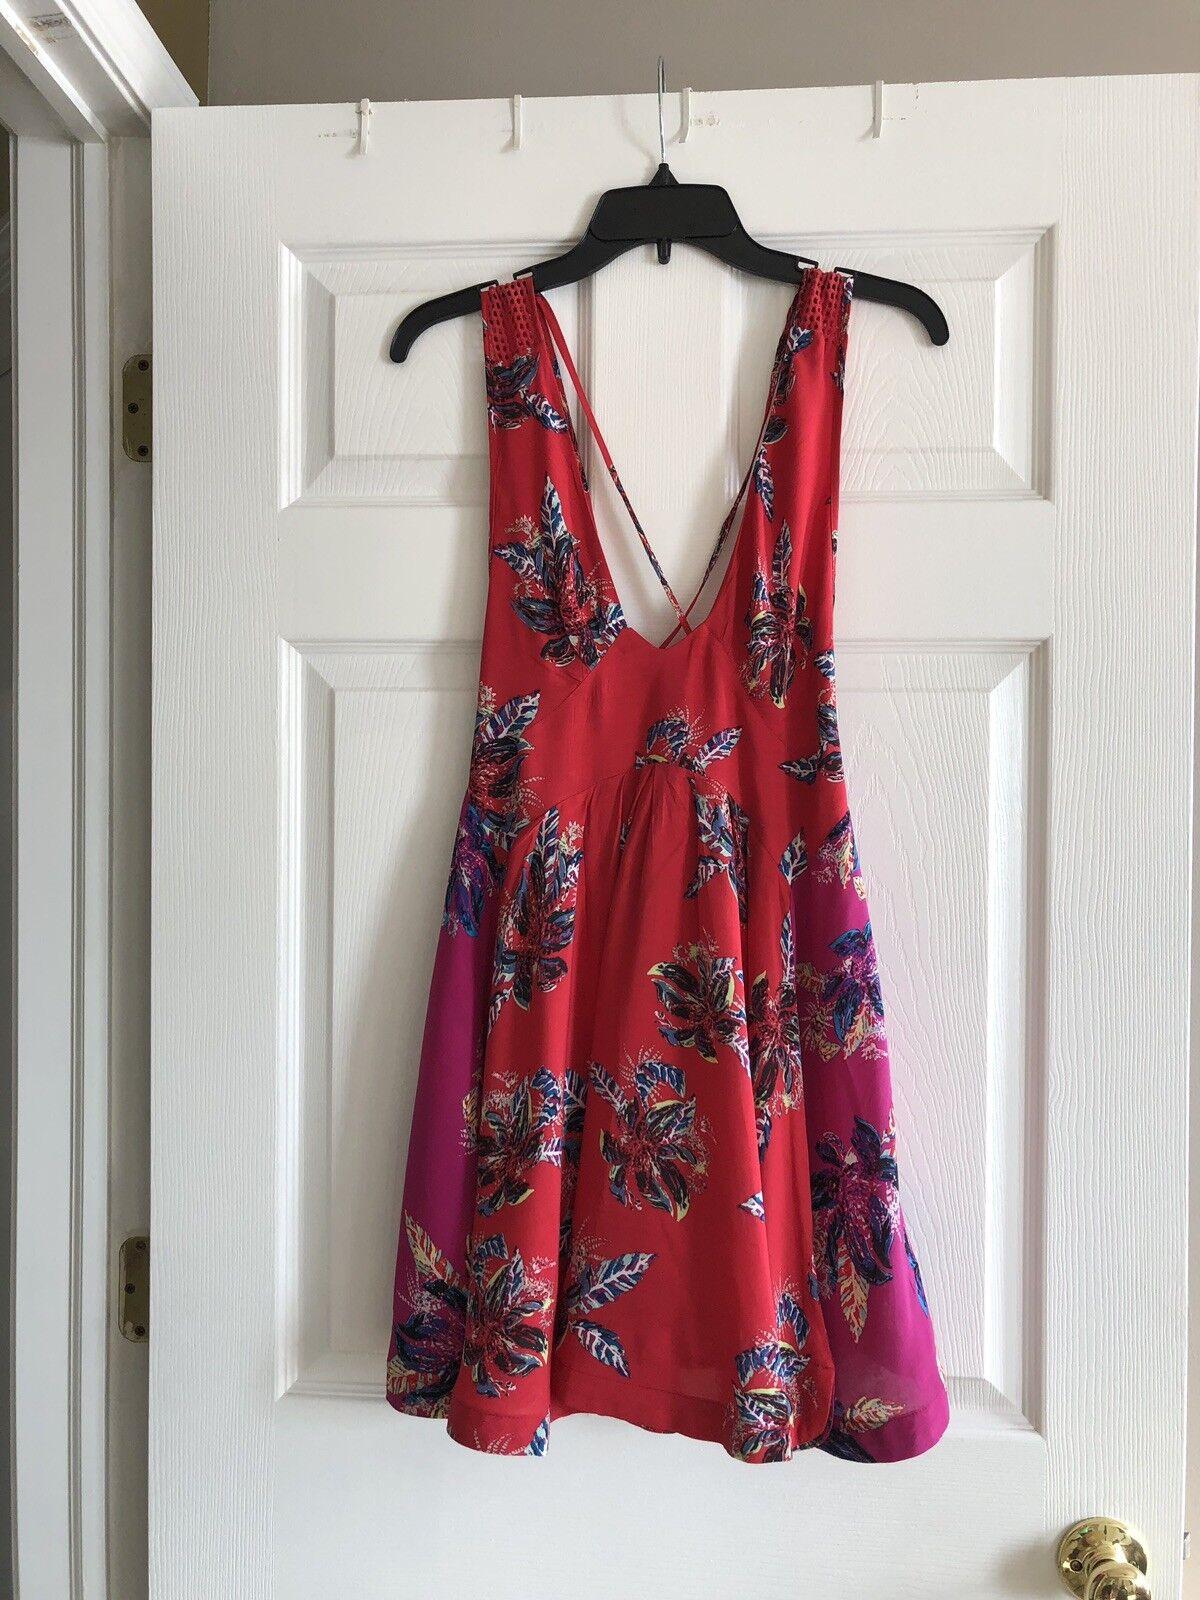 NWT Free People Floral Mini Dress Sz XS